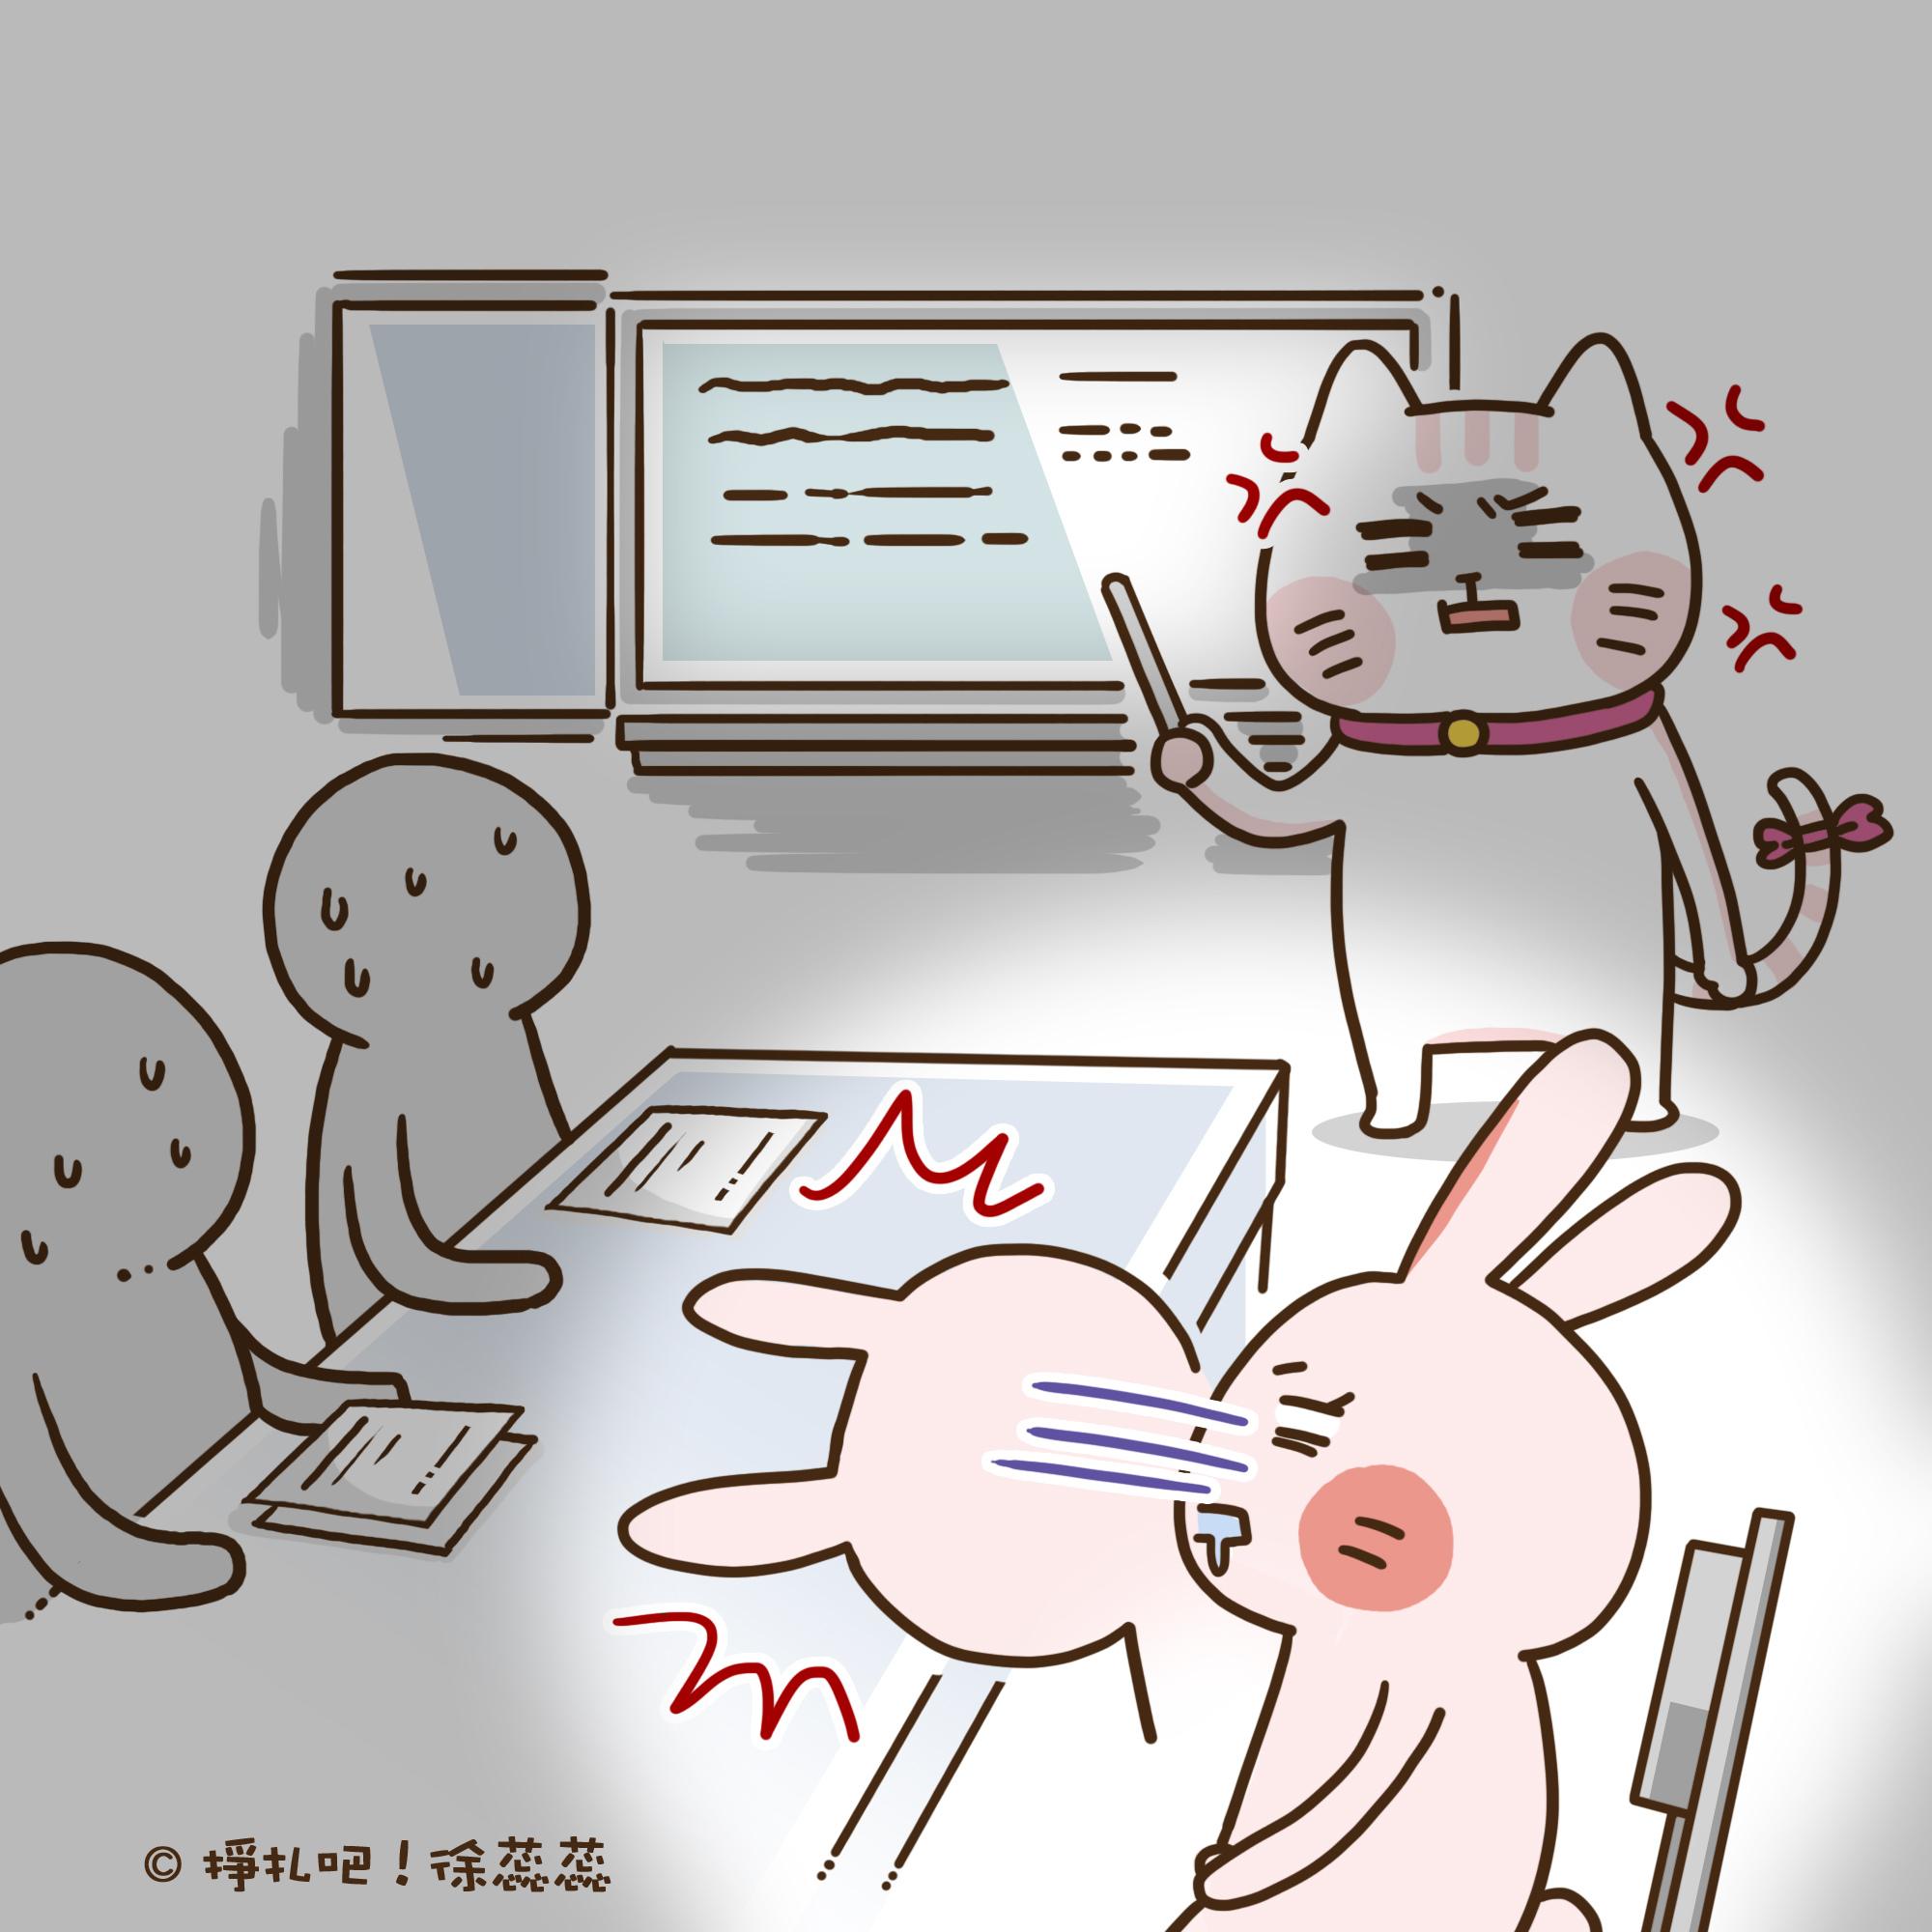 生活_02_OK檔.jpg